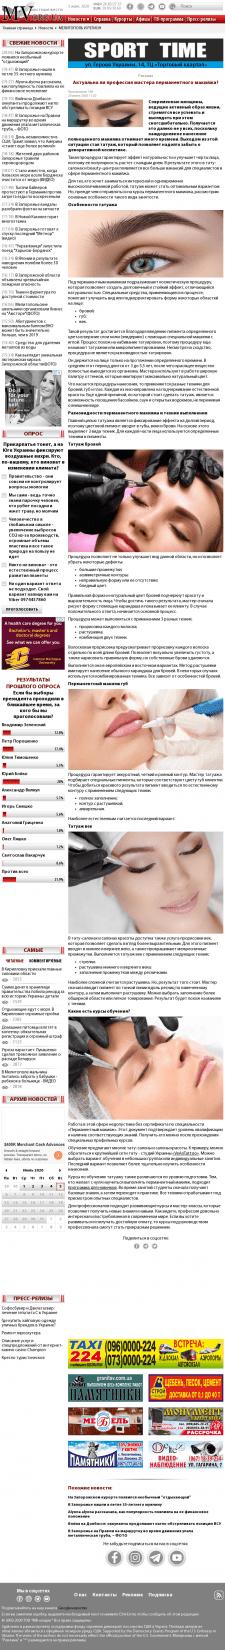 Актуальна ли профессия мастера перманентного макия